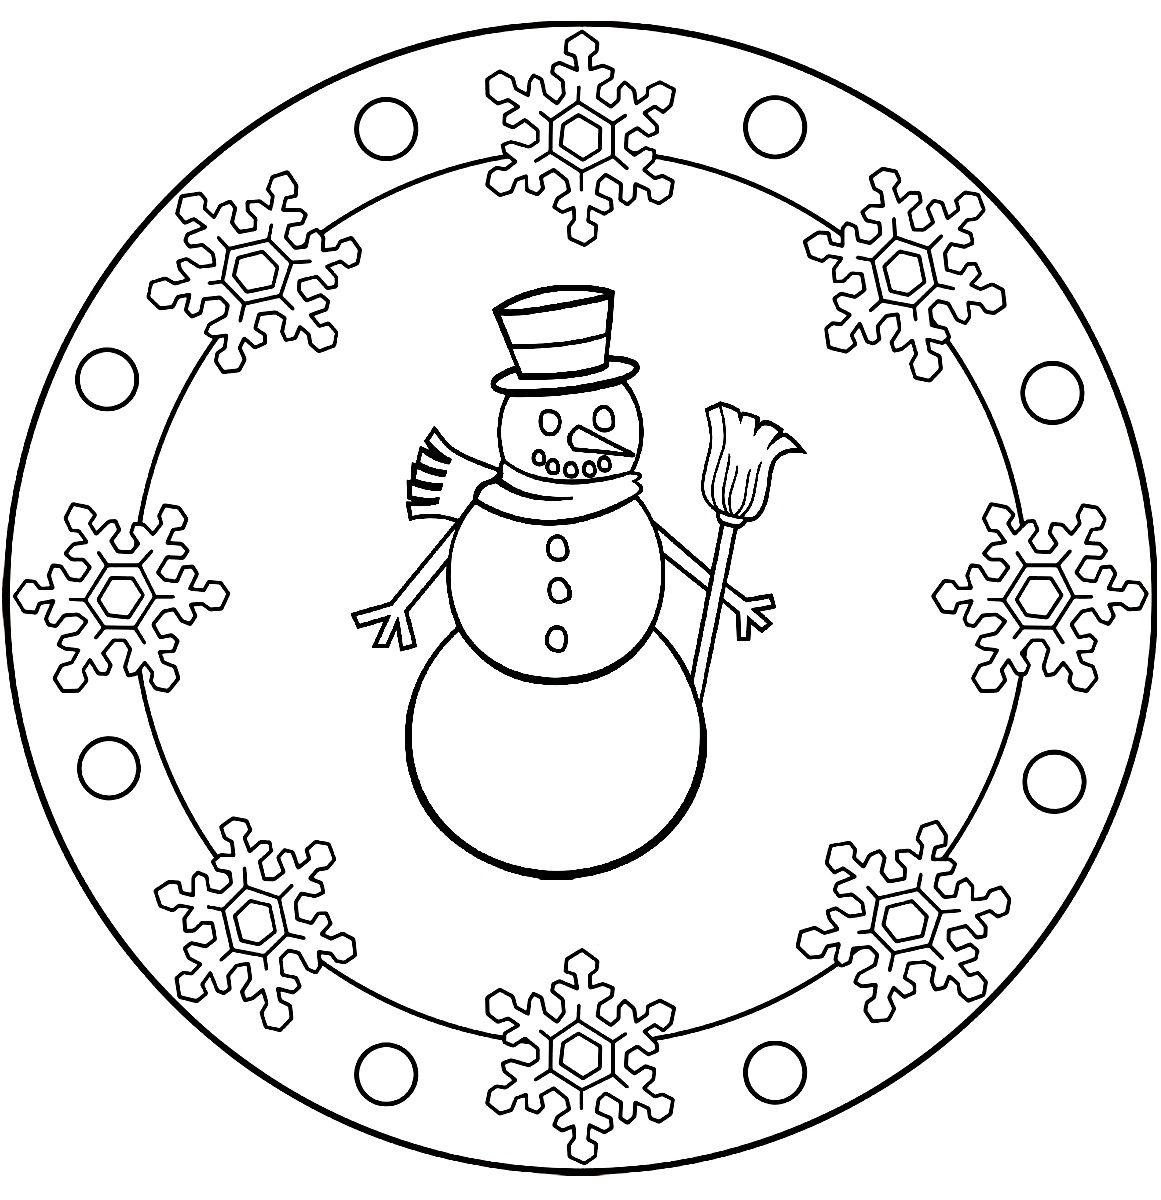 Hivern   invierno/hivern   Pinterest   Mandalas, Plástica y Invierno